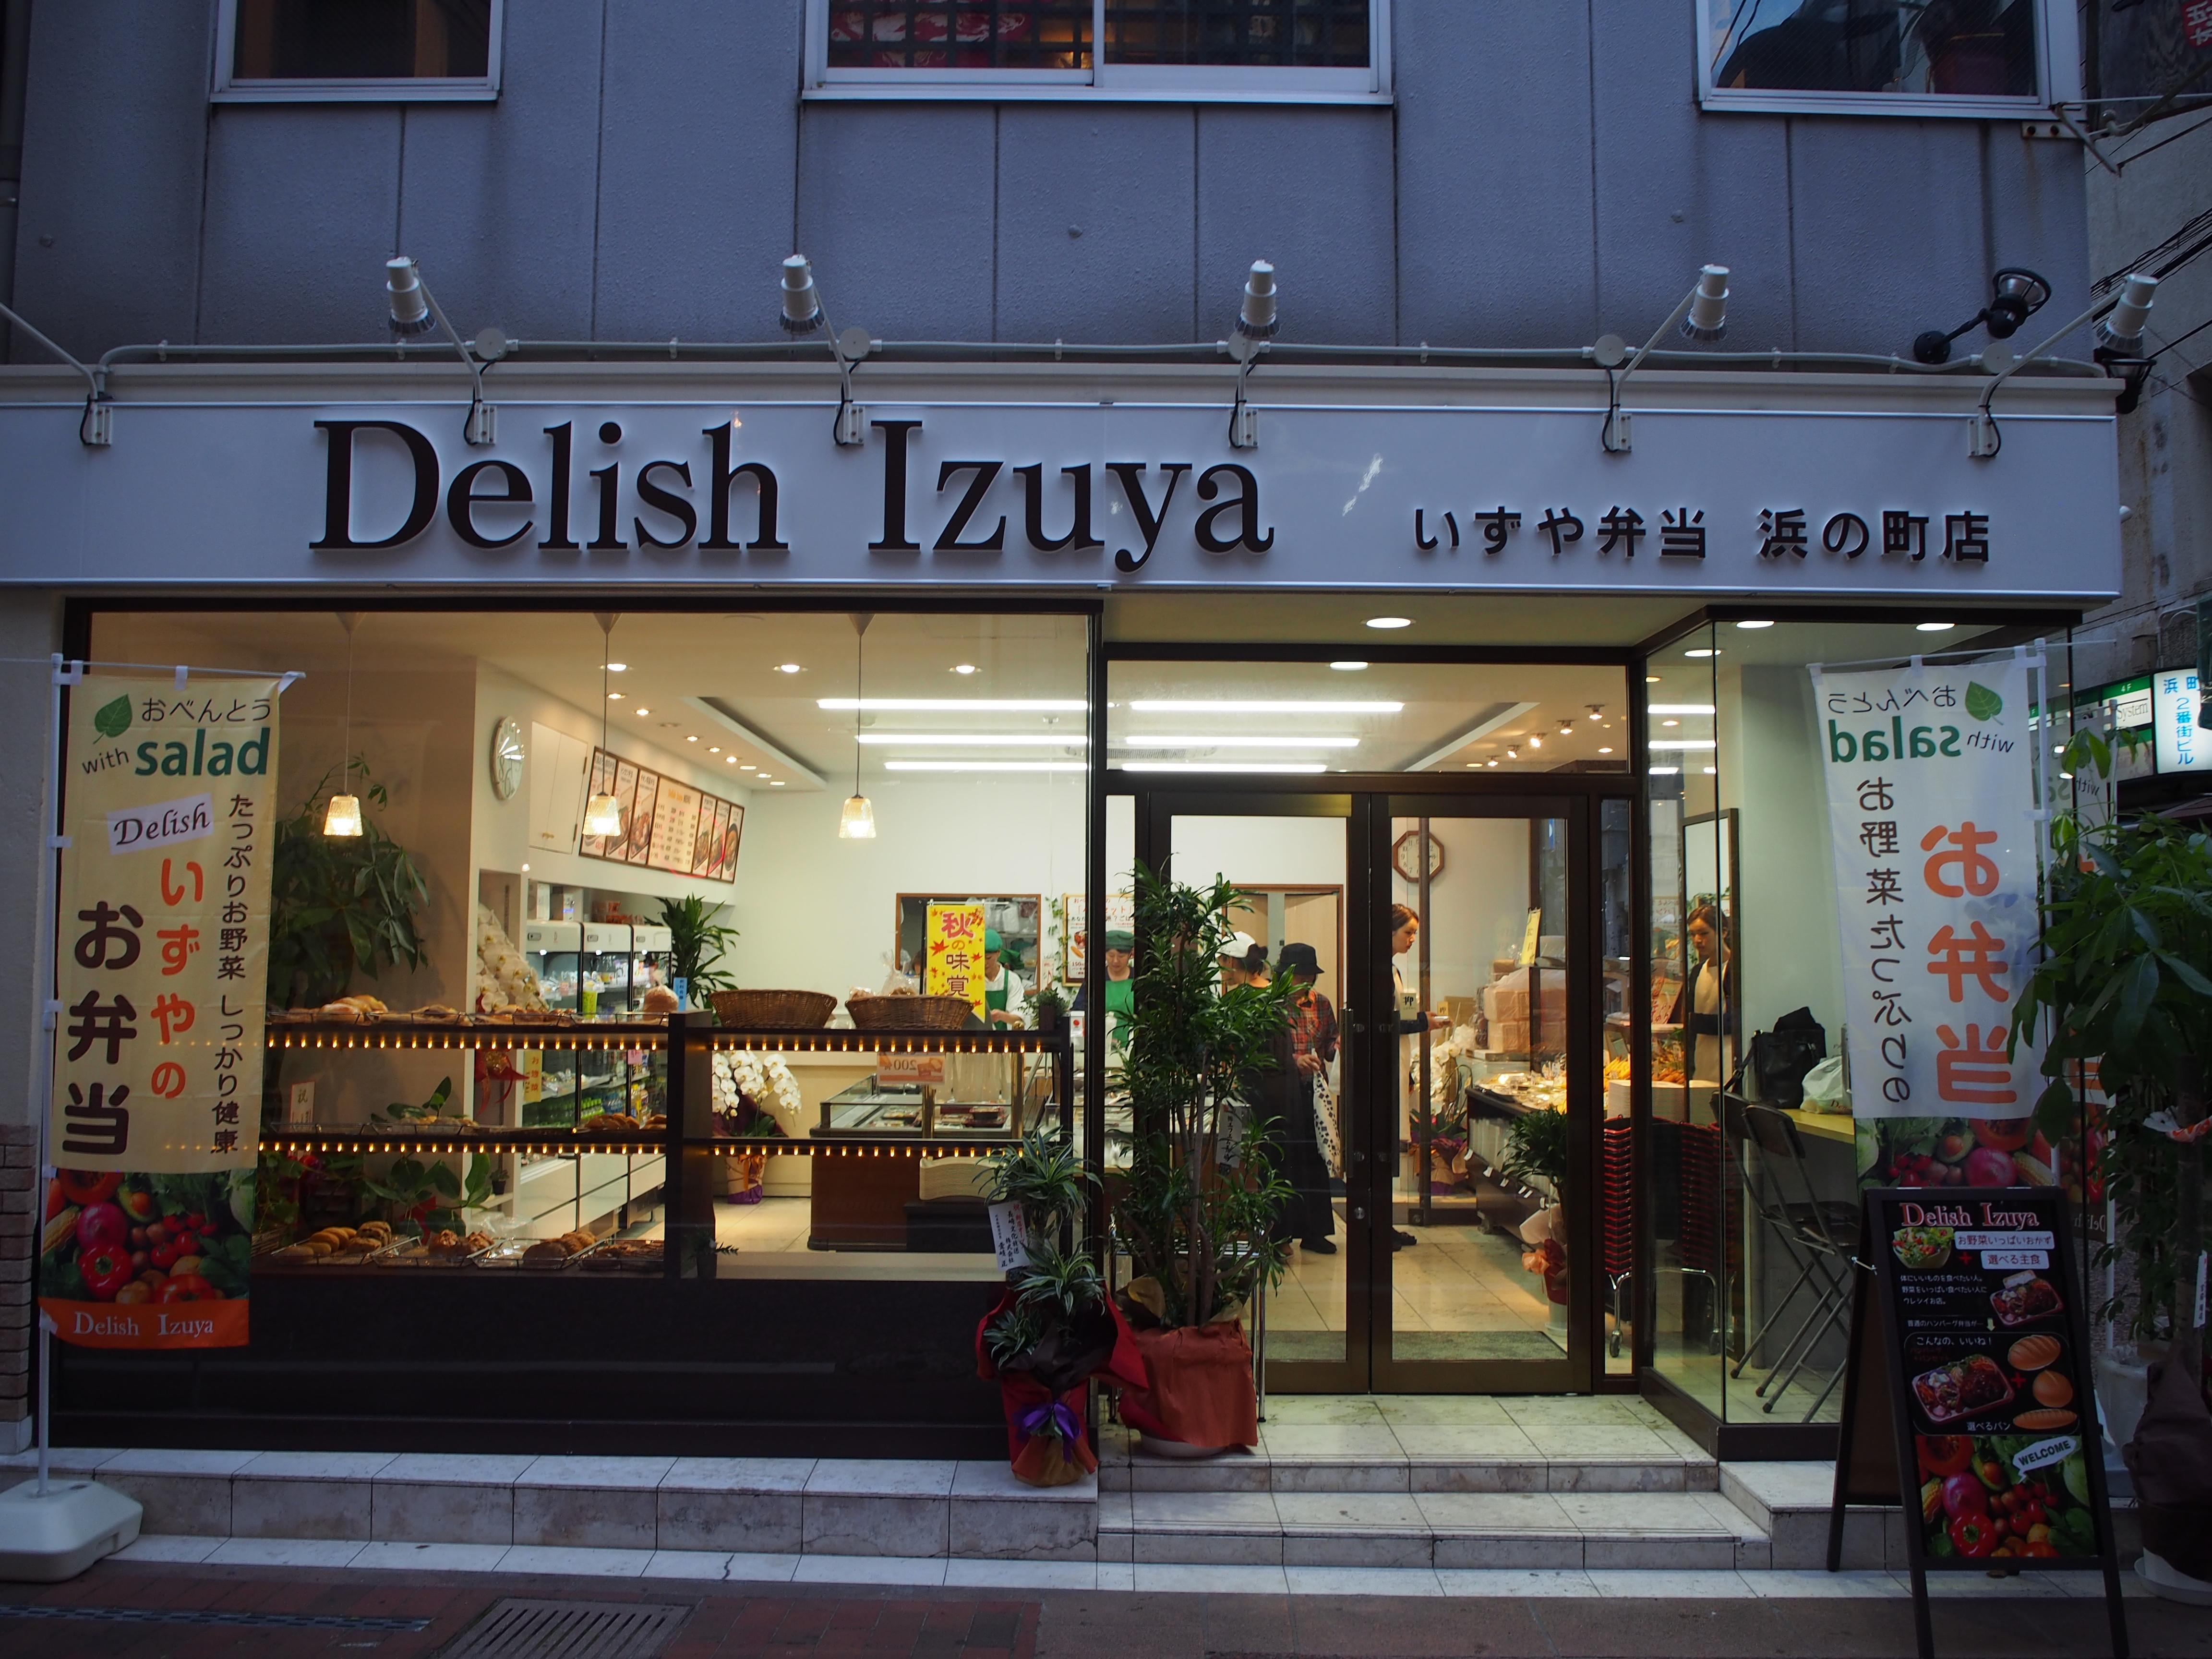 浜町のリカちゃん通りに「Delish Izuya デリッシュイズヤ」1号店がオープン!!